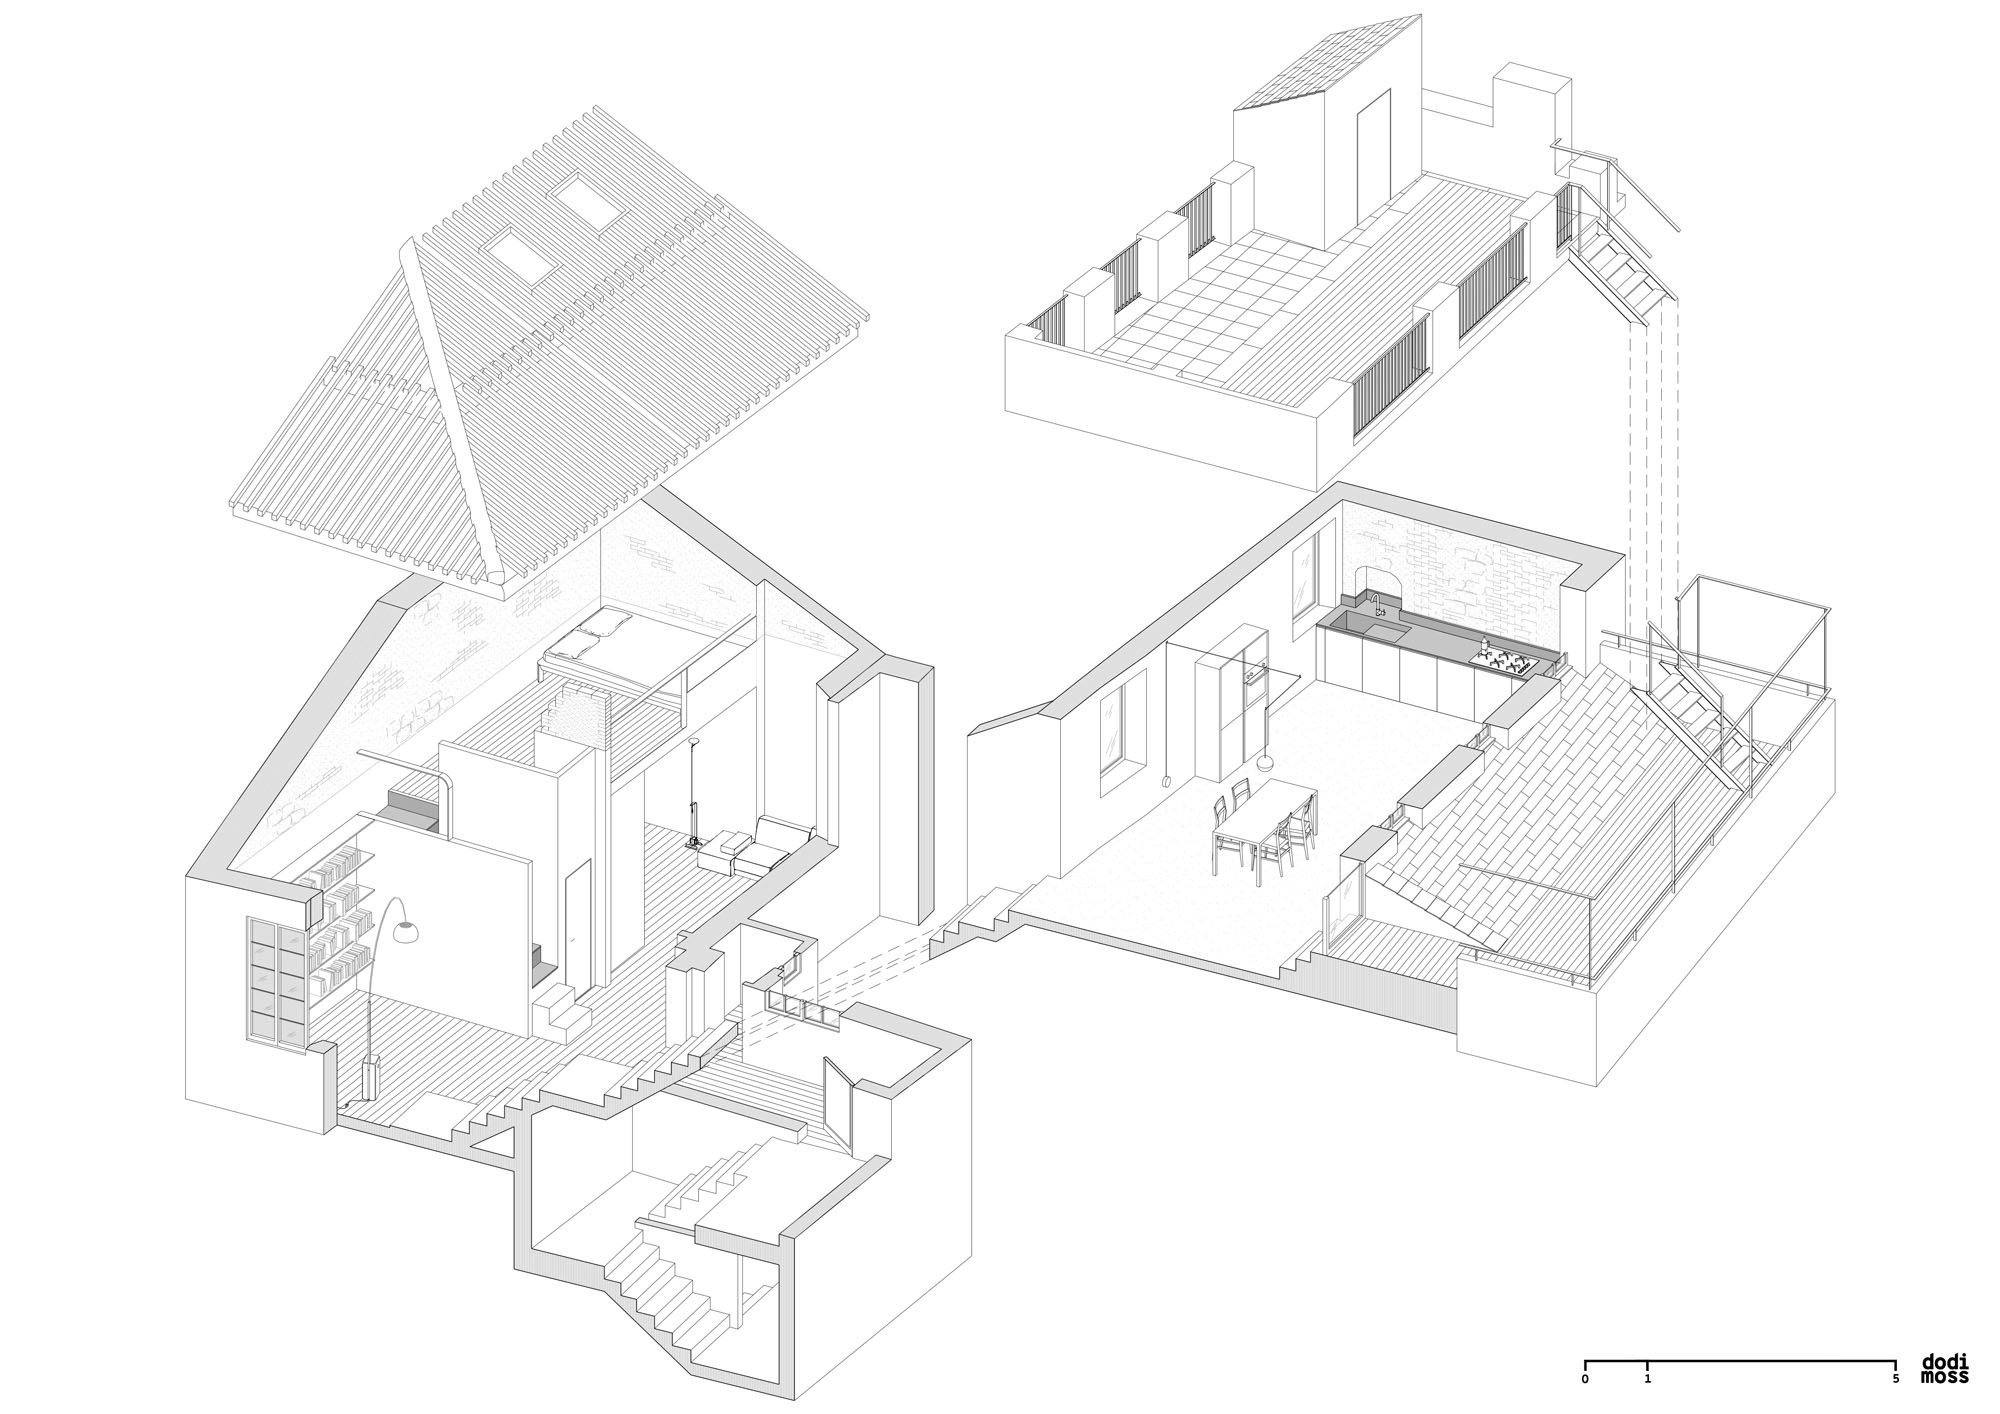 Die Axometrie offenbart die Piranesi-artigen Raumwindungen. © Dodi Moss Architekten